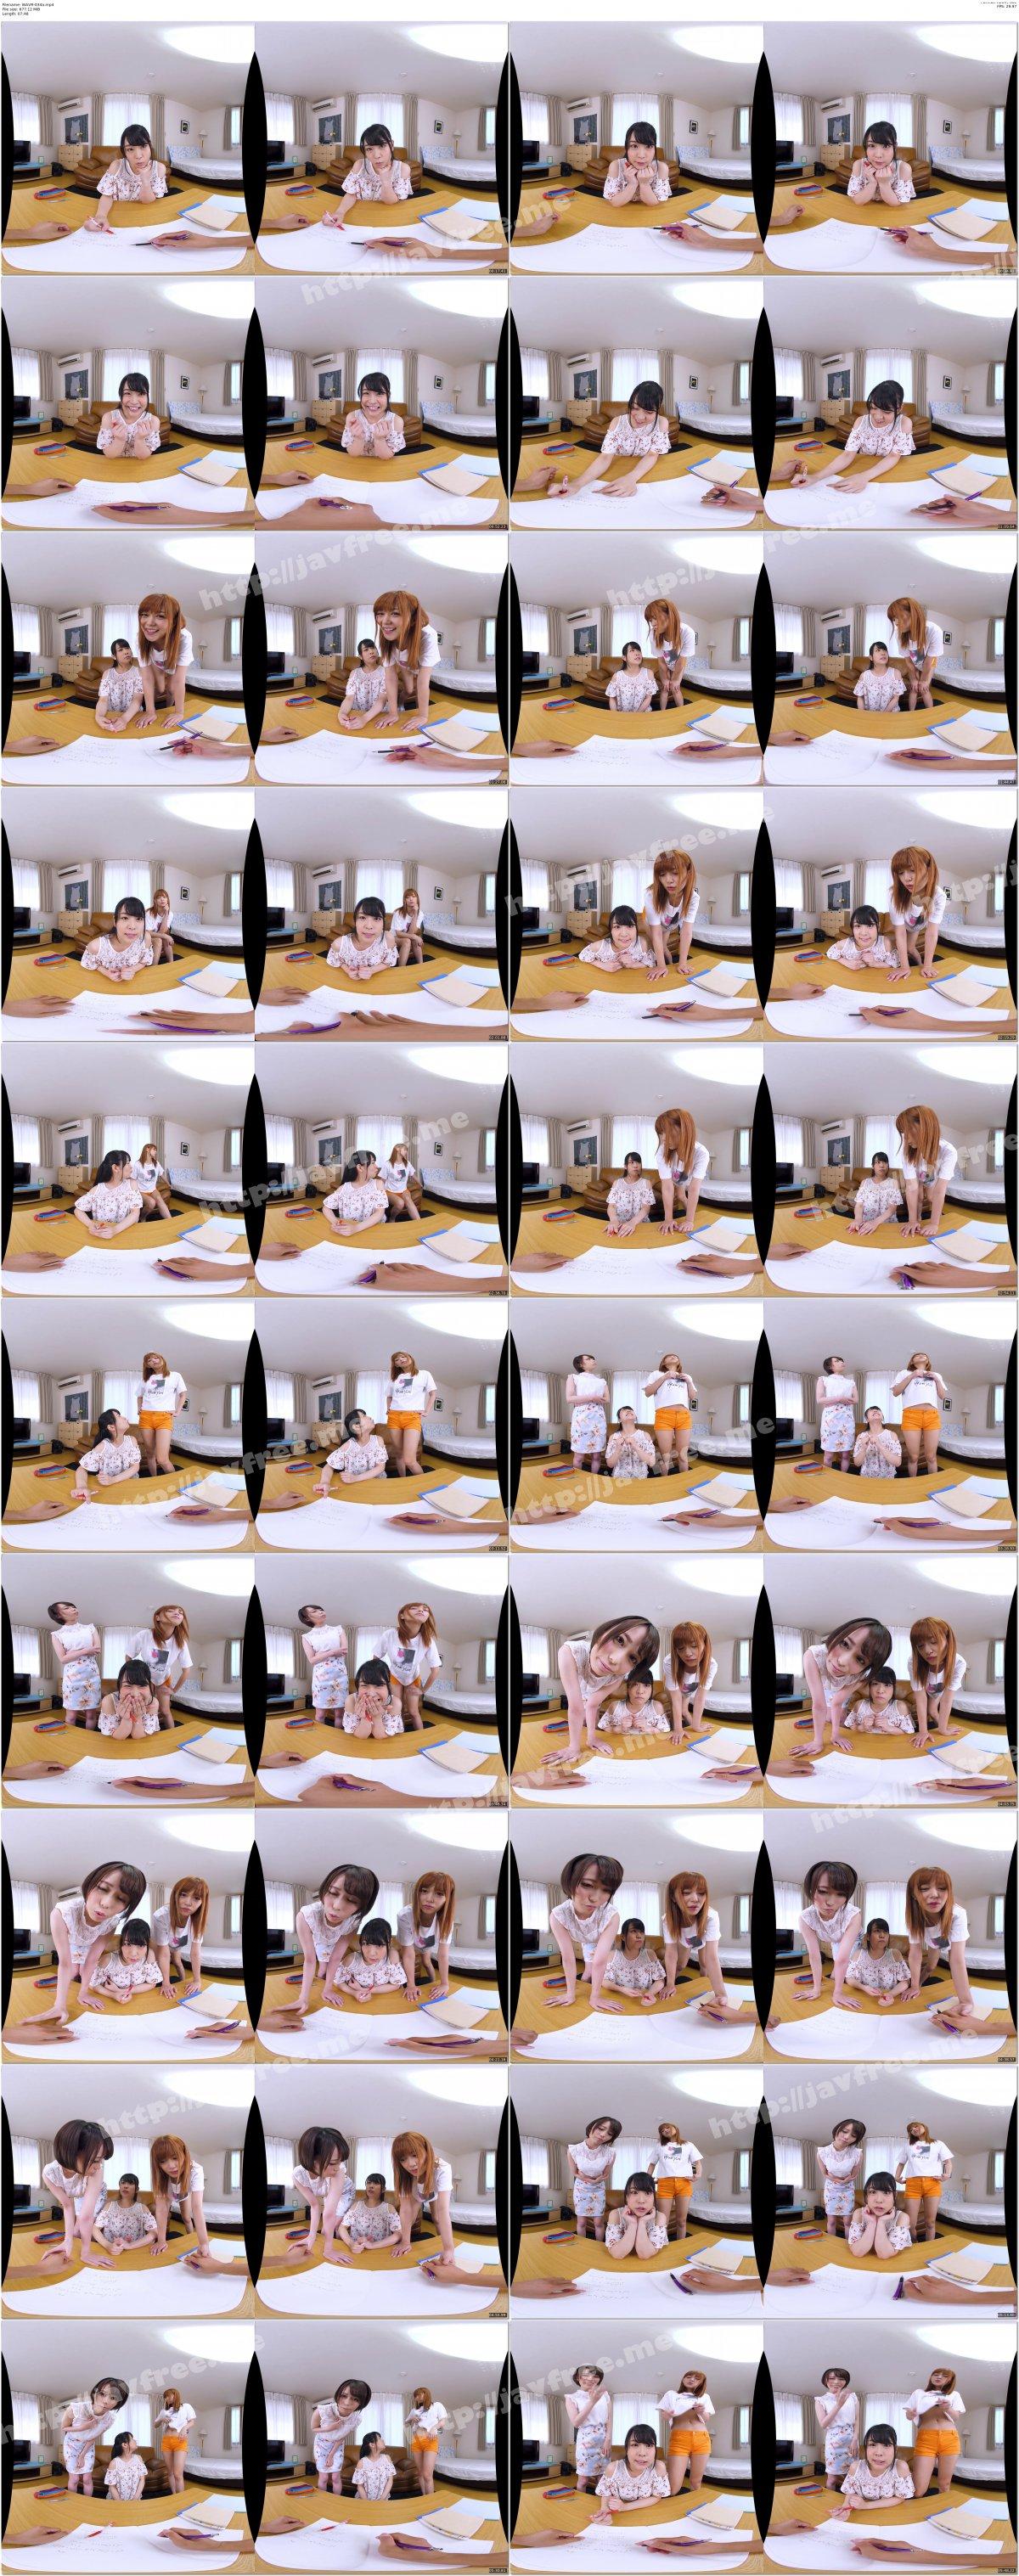 [WAVR-034] 【VR】3人の姉が朝・昼・晩。ところかまわず僕のチ○ポを狙ってきます…。 「おはよう」から「おやすみ」まで、ドスケベ三姉妹から性欲処理三昧VR!! - image WAVR-034a on https://javfree.me